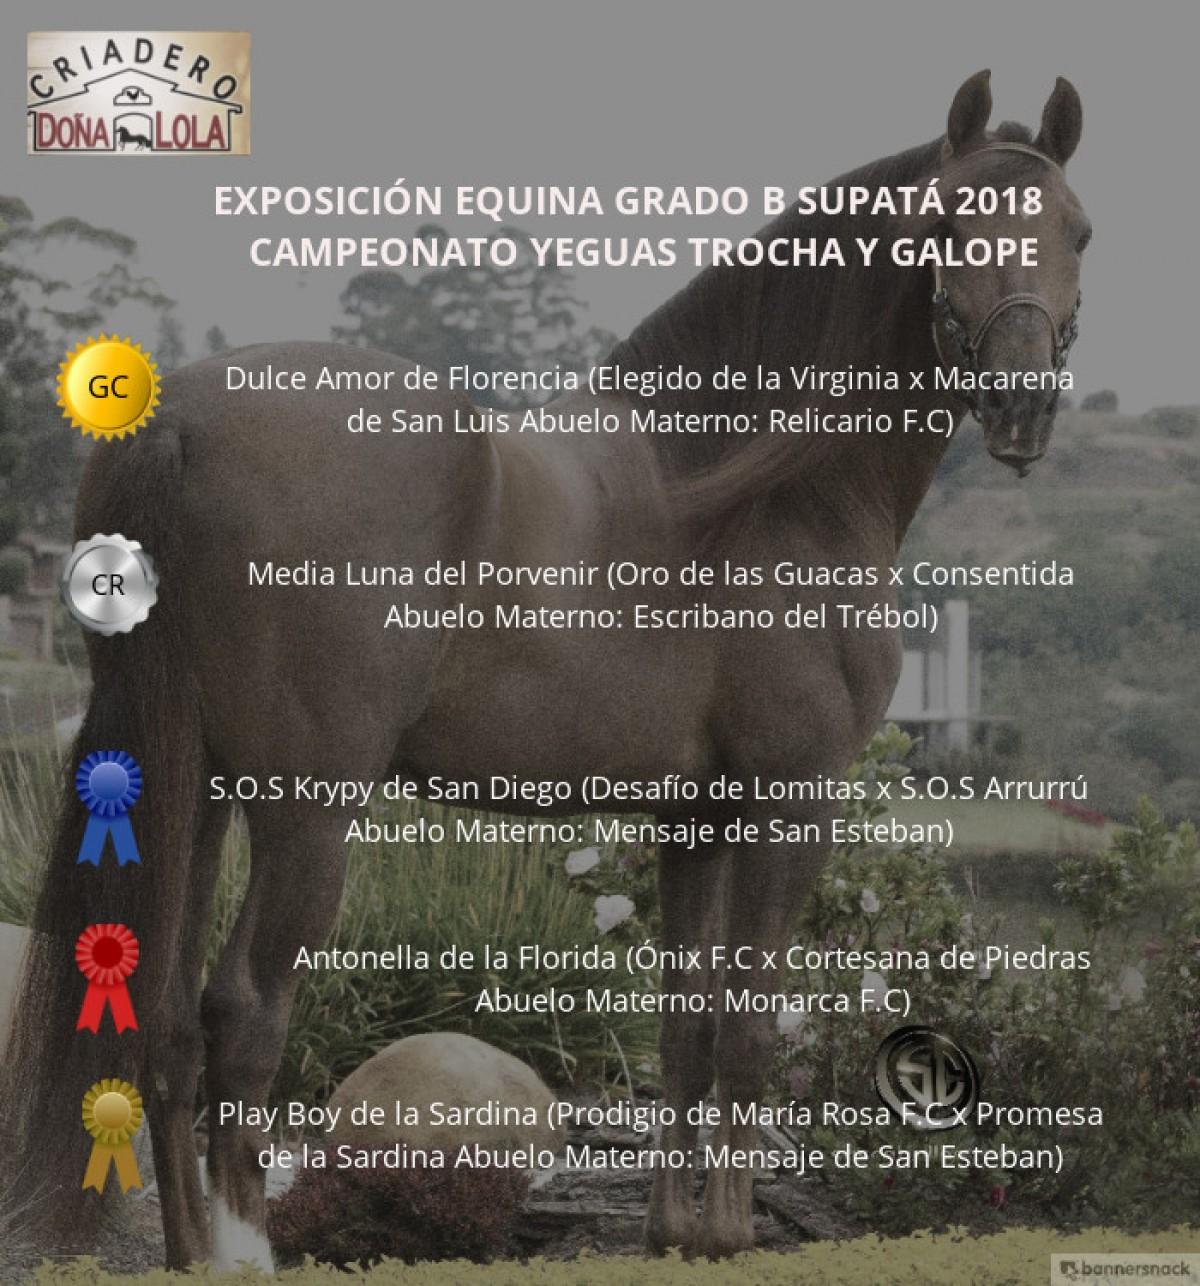 VÍDEO: Loperena Campeona, Bendición Reservada, Trocha Colombiana, Supatá 2018